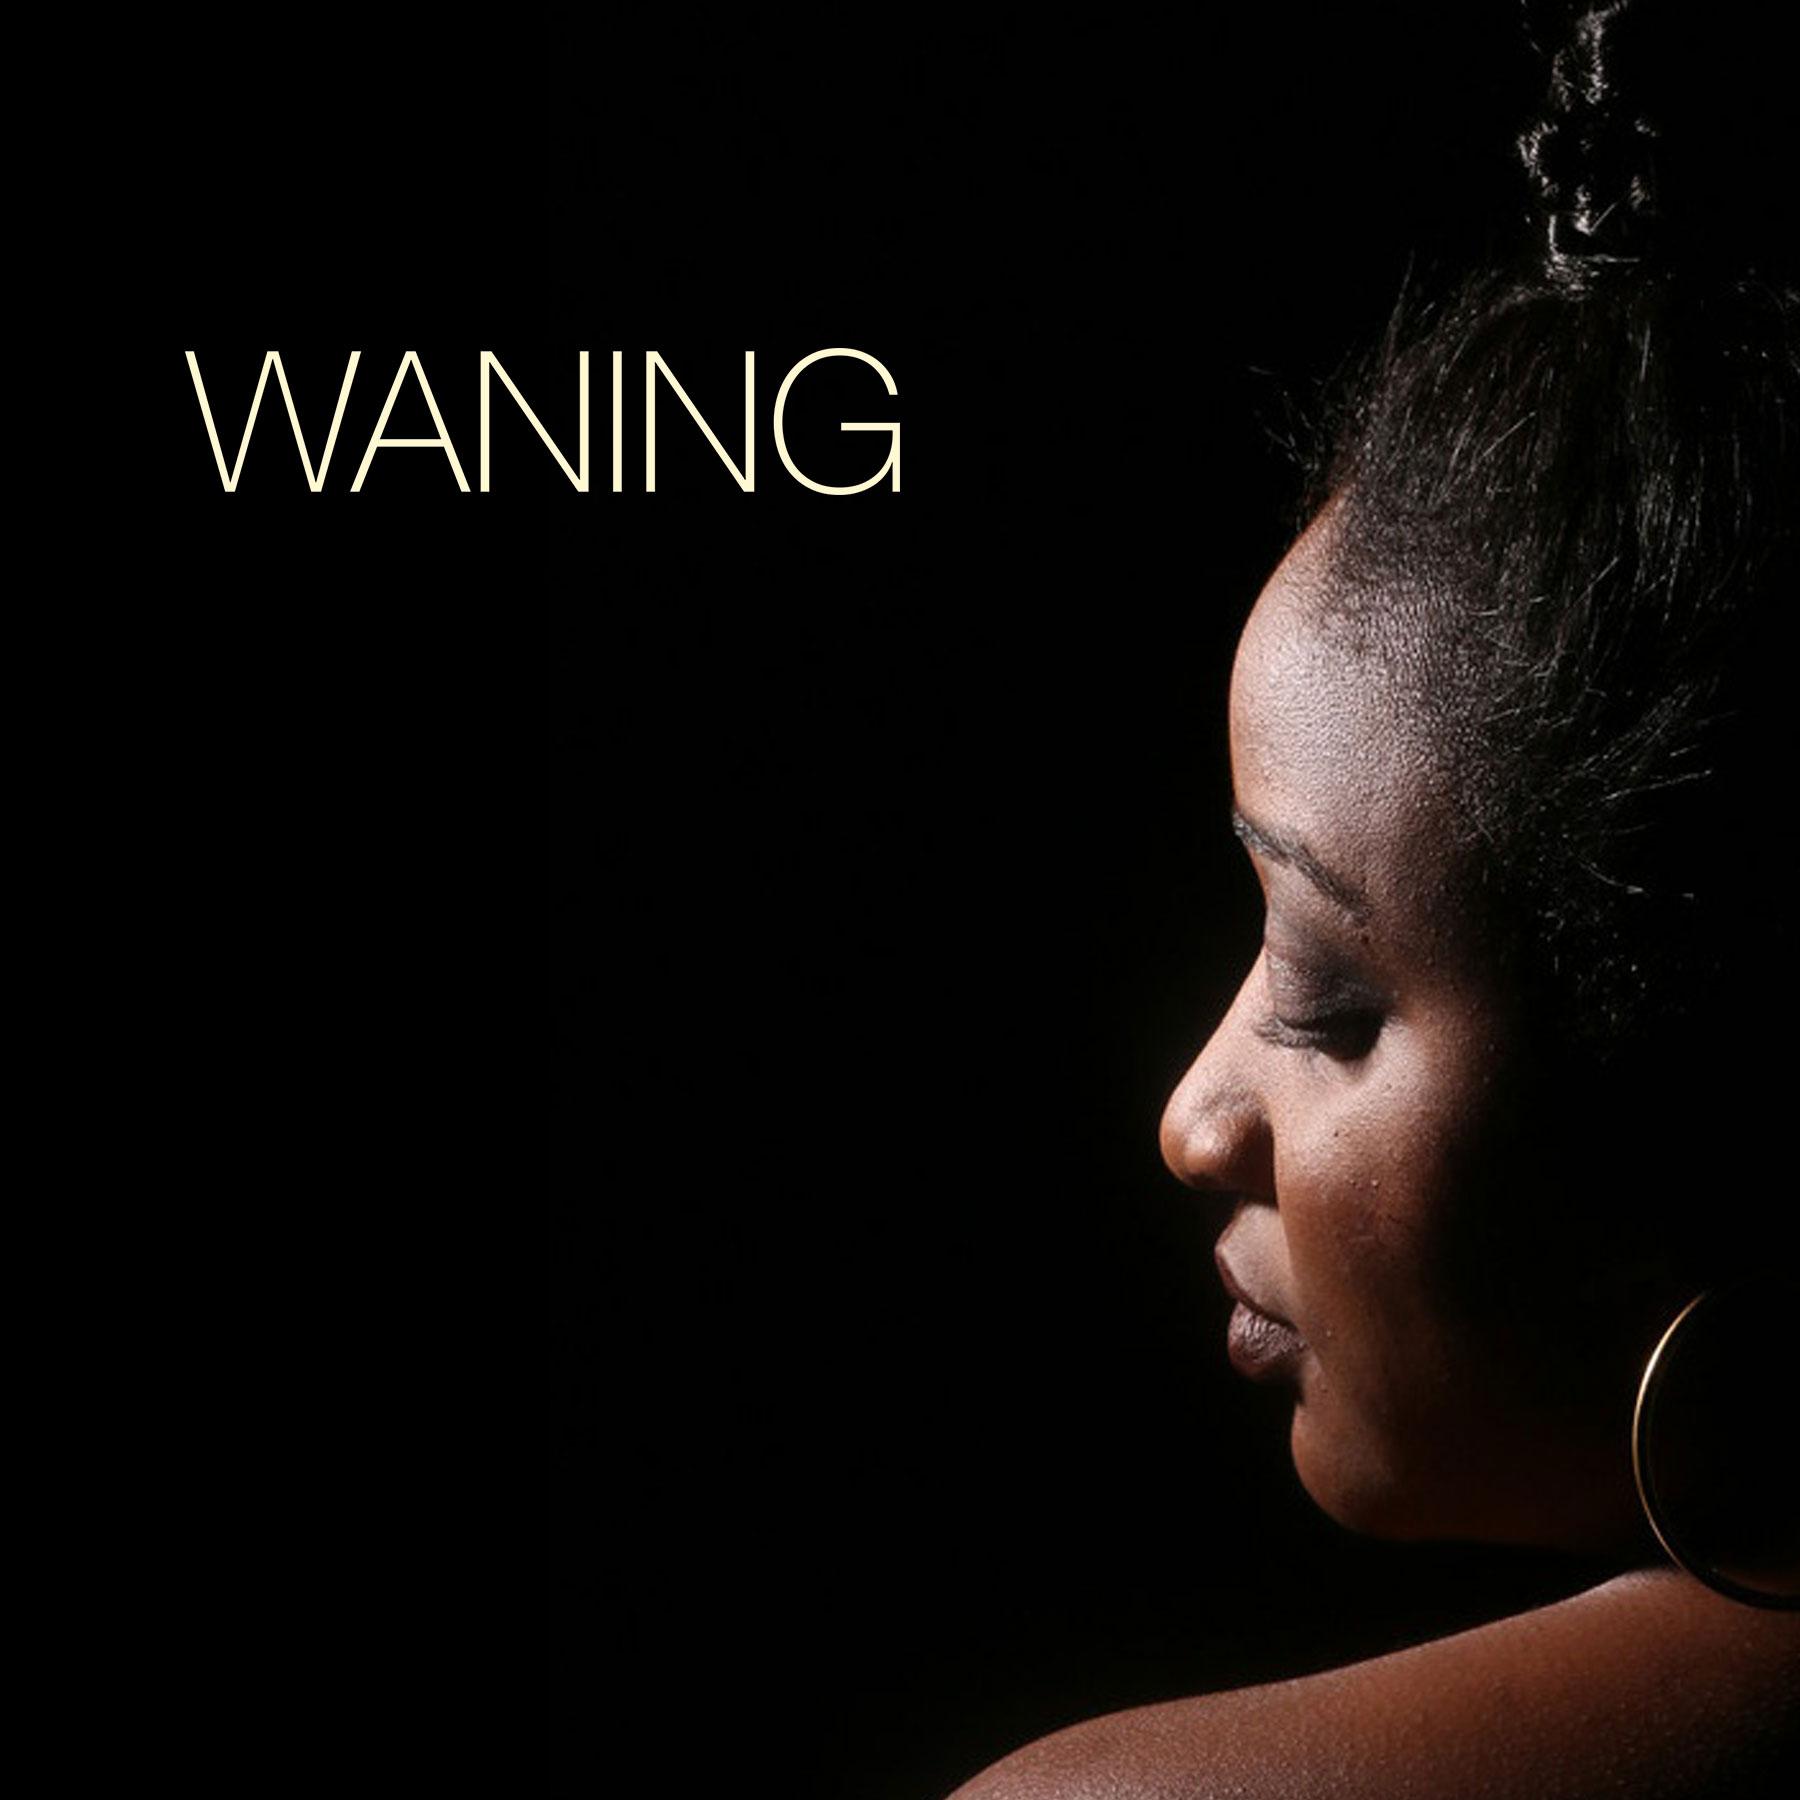 Waning